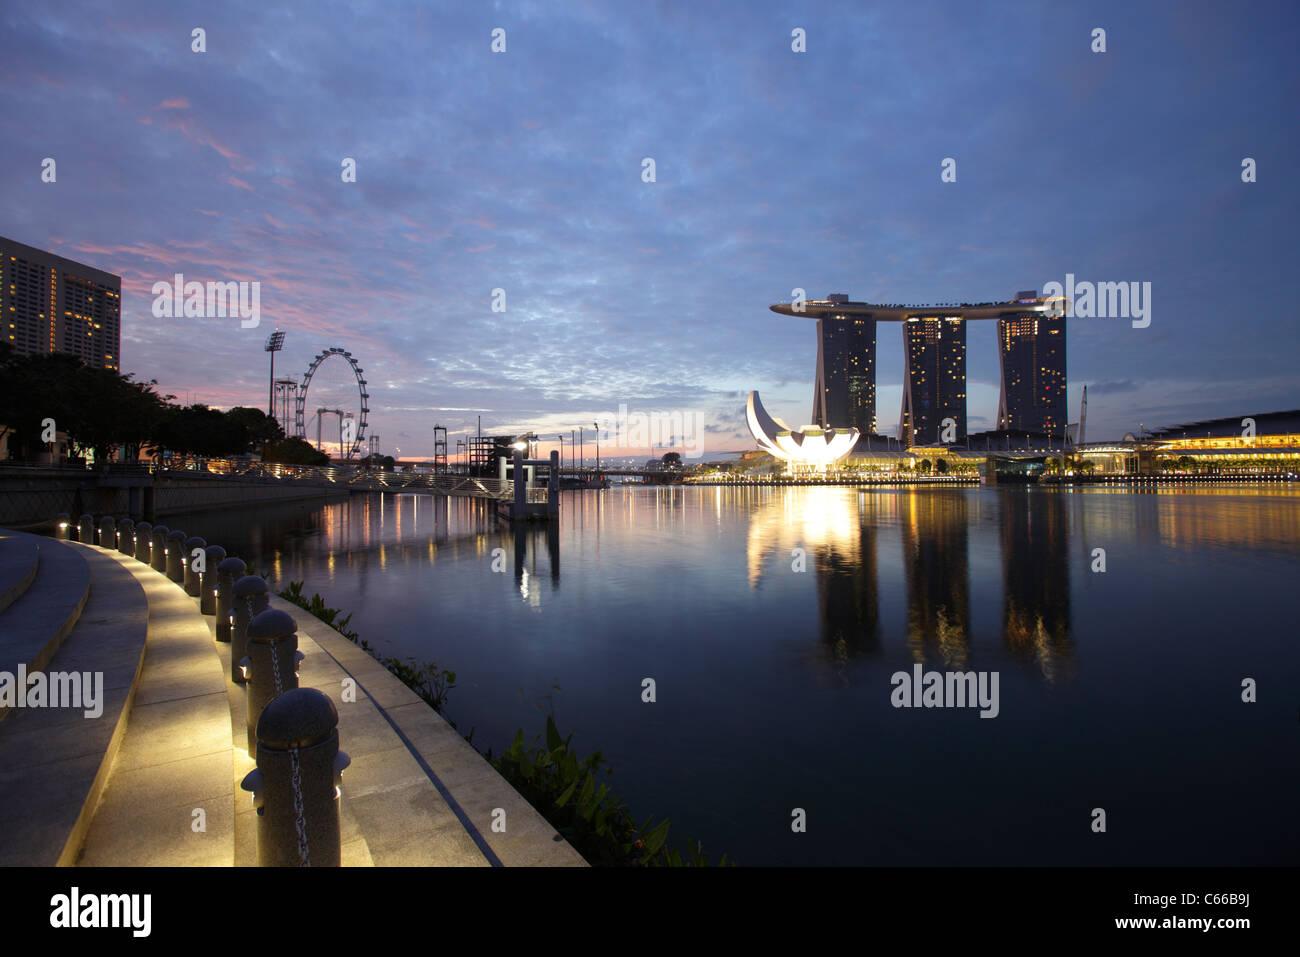 Vue sur la baie et la Marina Bay Sand Hotel, Singapour Photo Stock